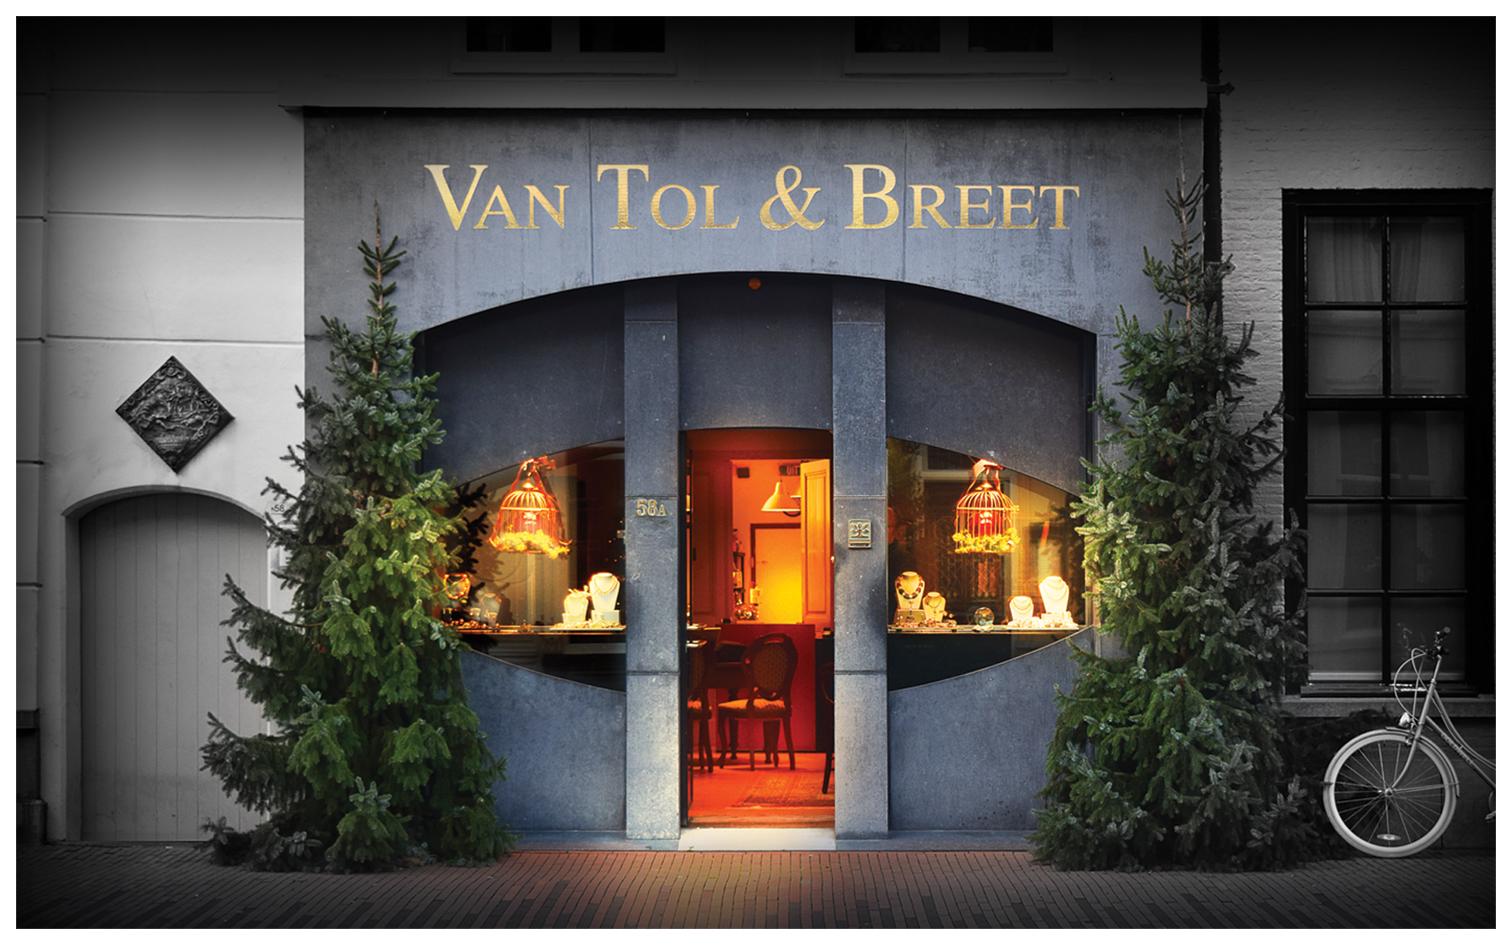 VanTol & Breet